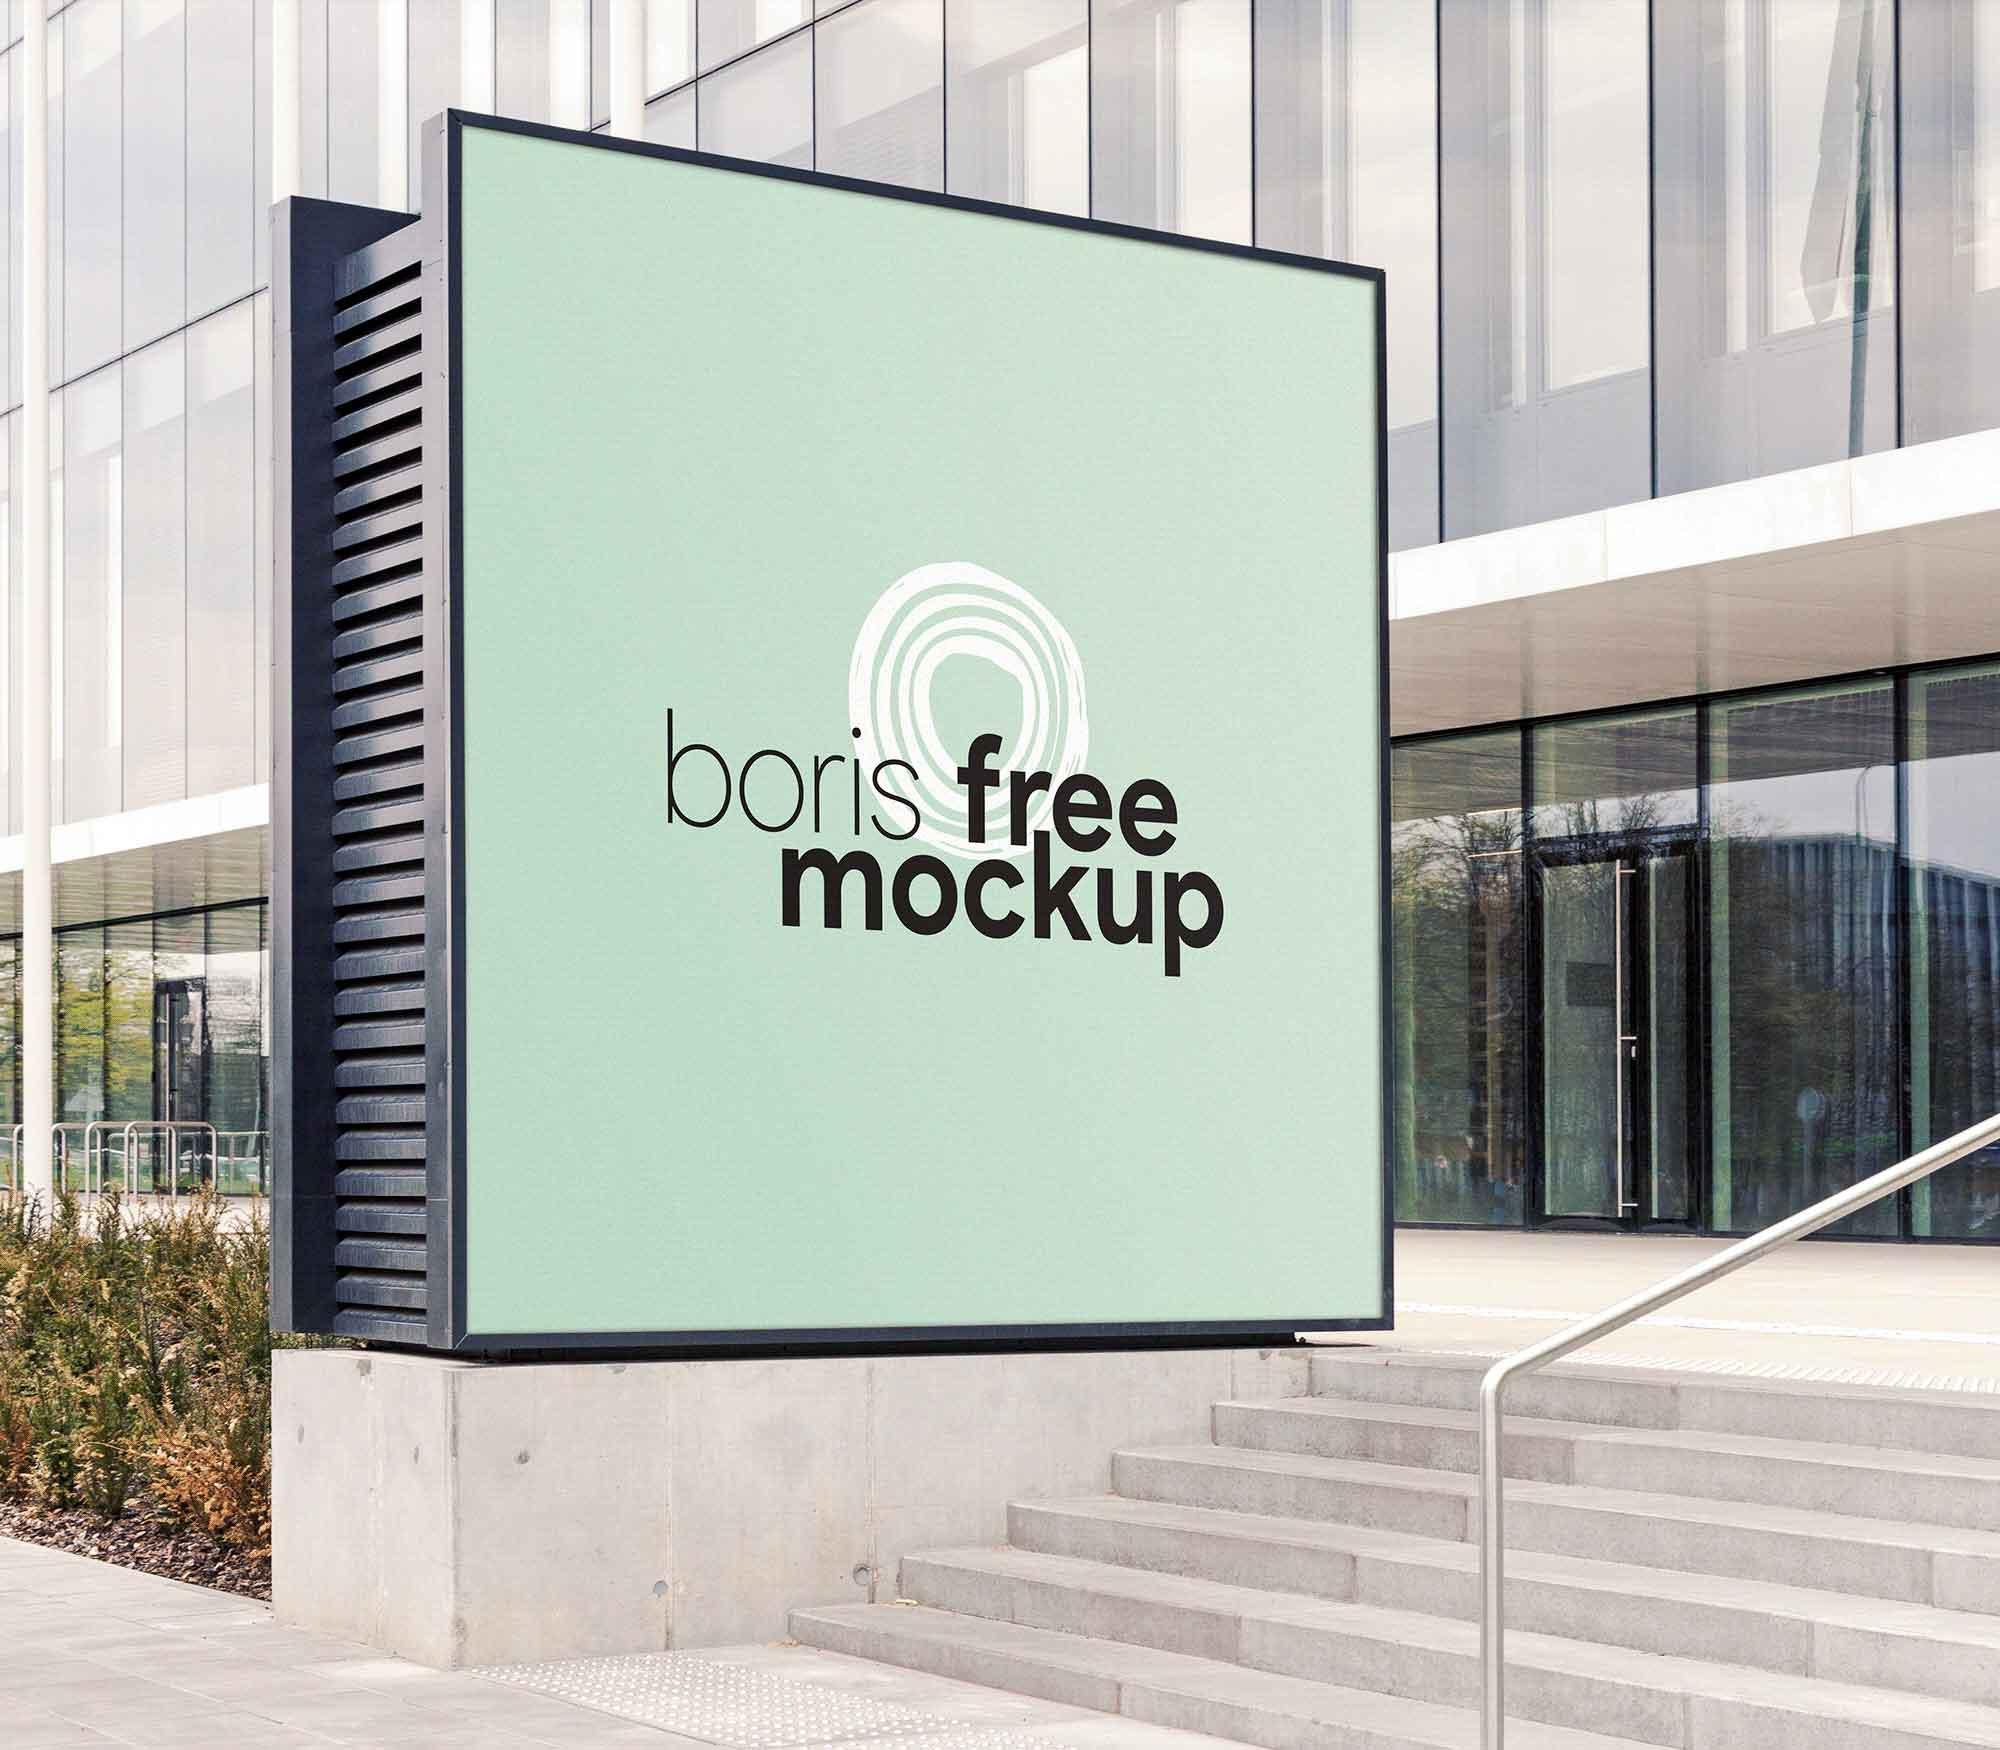 Outdoor Squarish Advertising Mockup 2